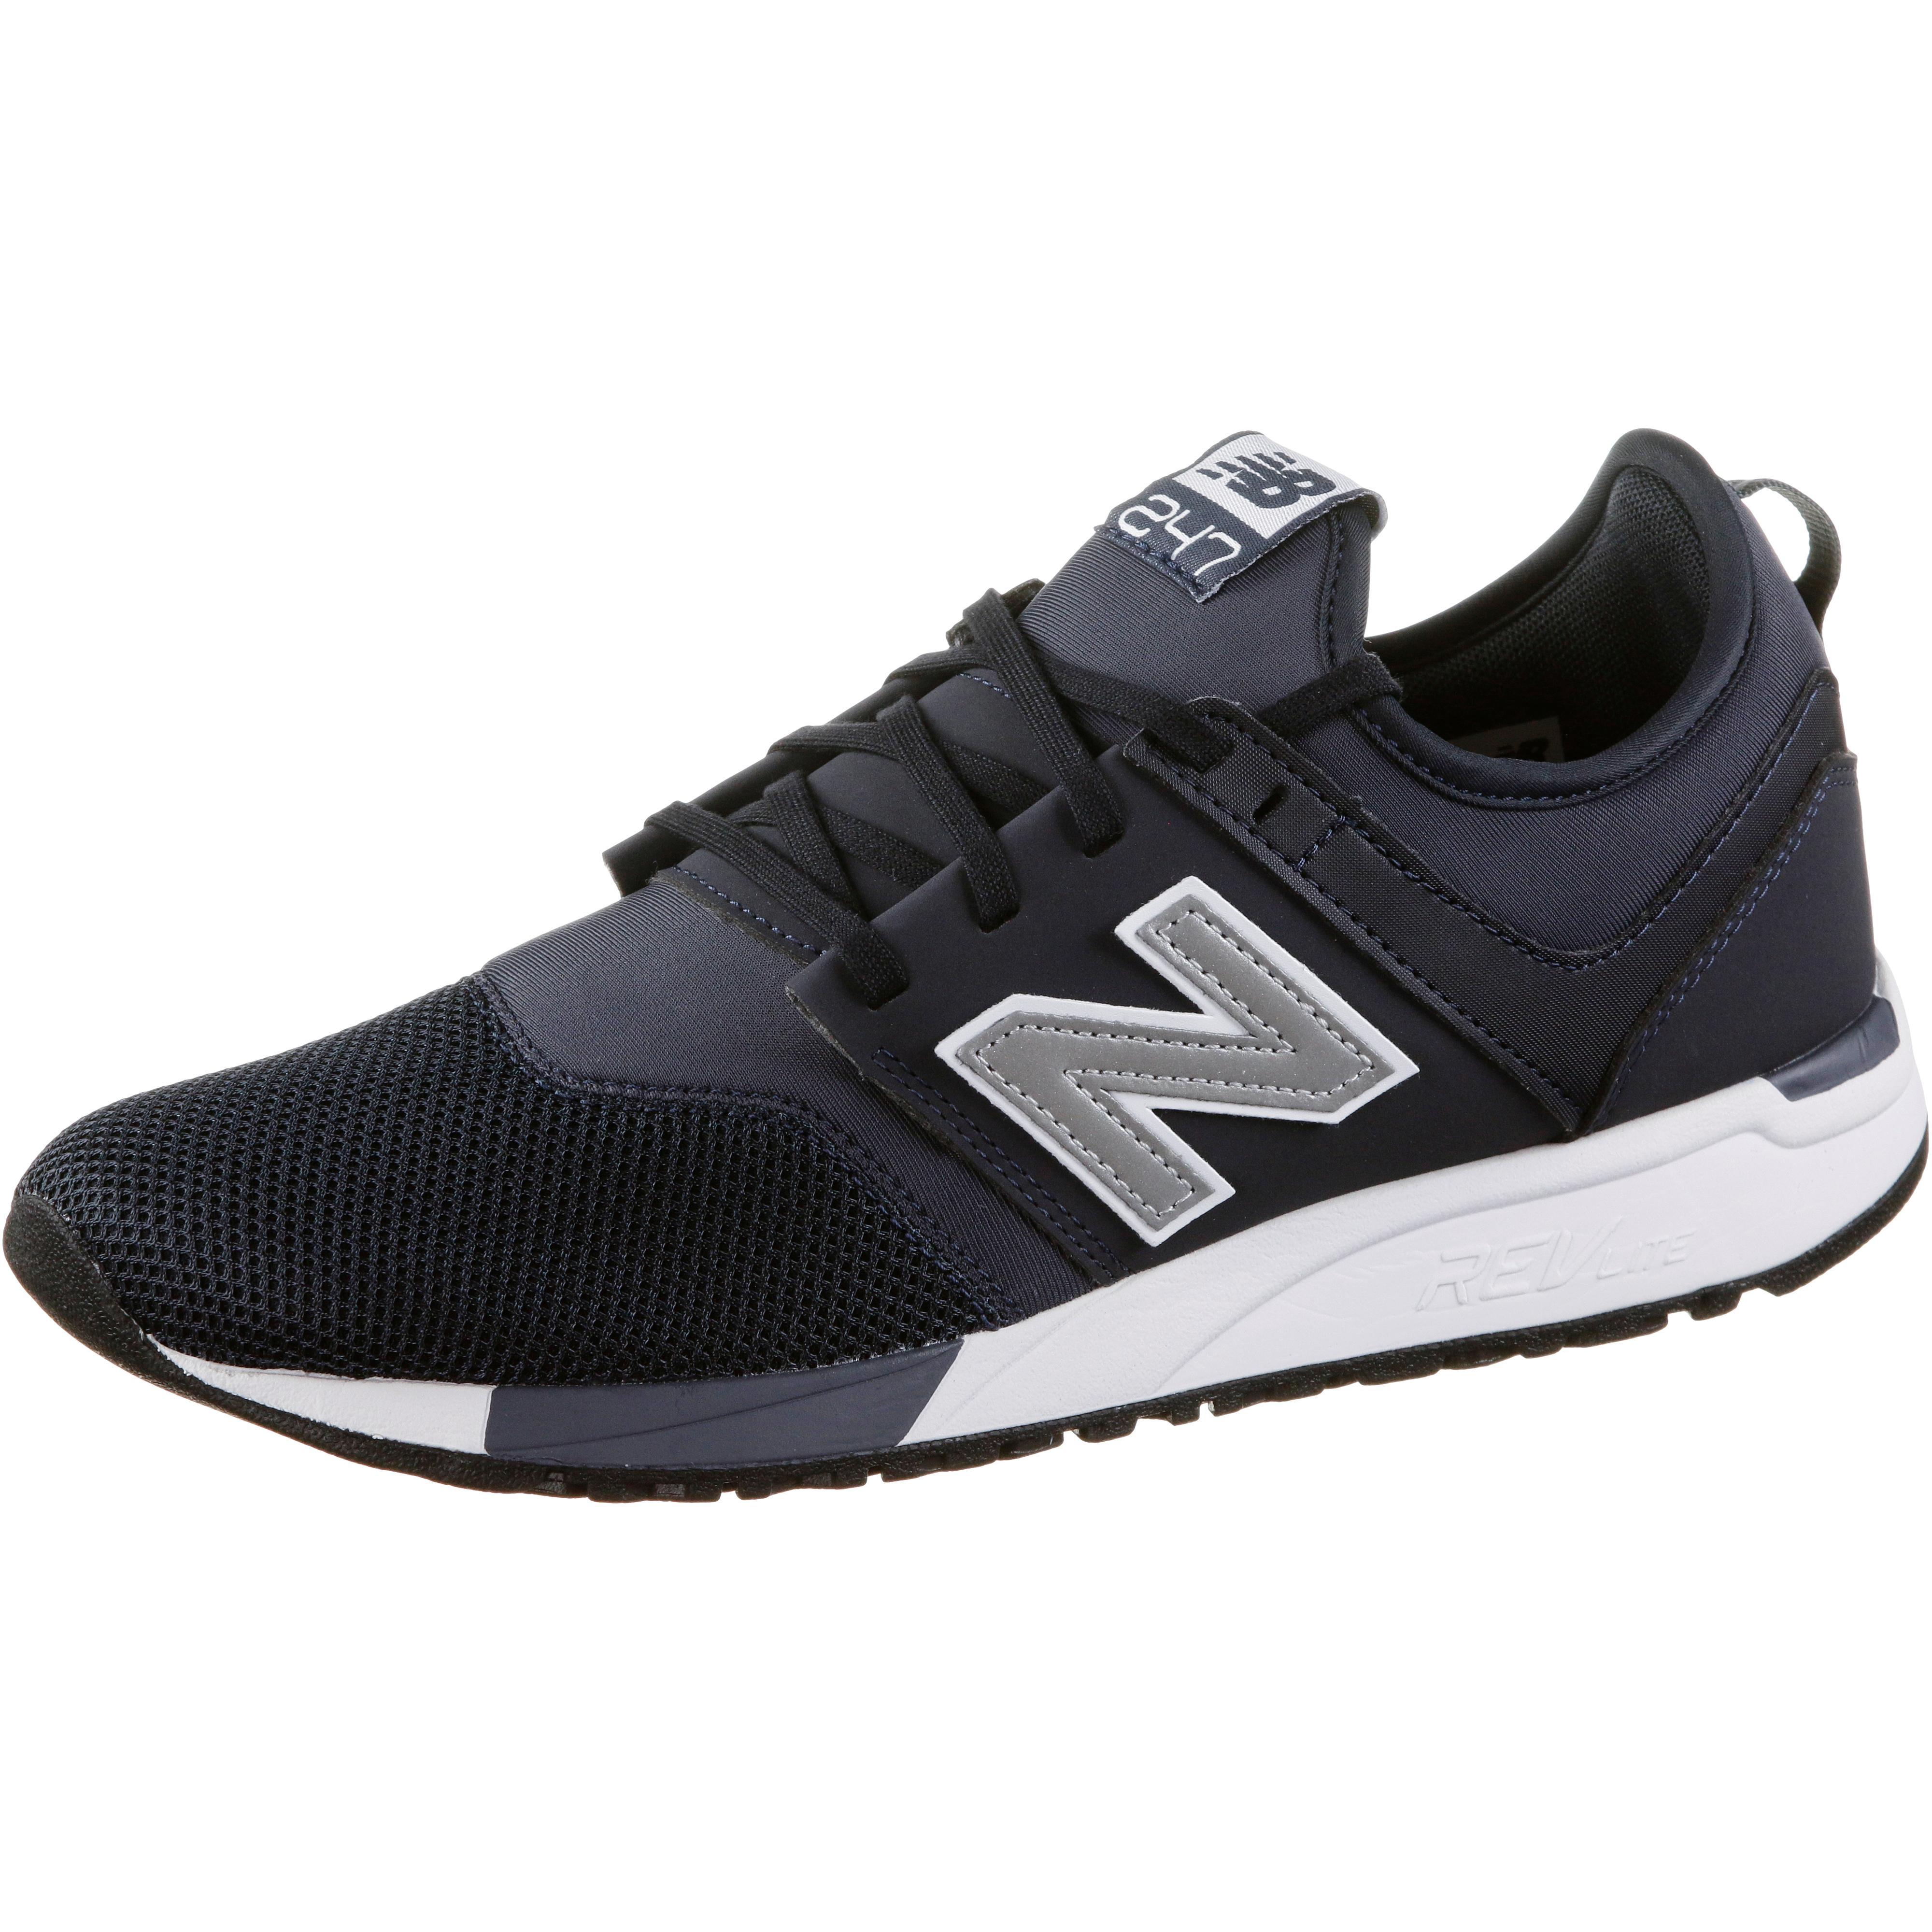 new balance shop aktuelles nb sortiment im sportscheck online shop  new balance mrl247 sneaker herren navy